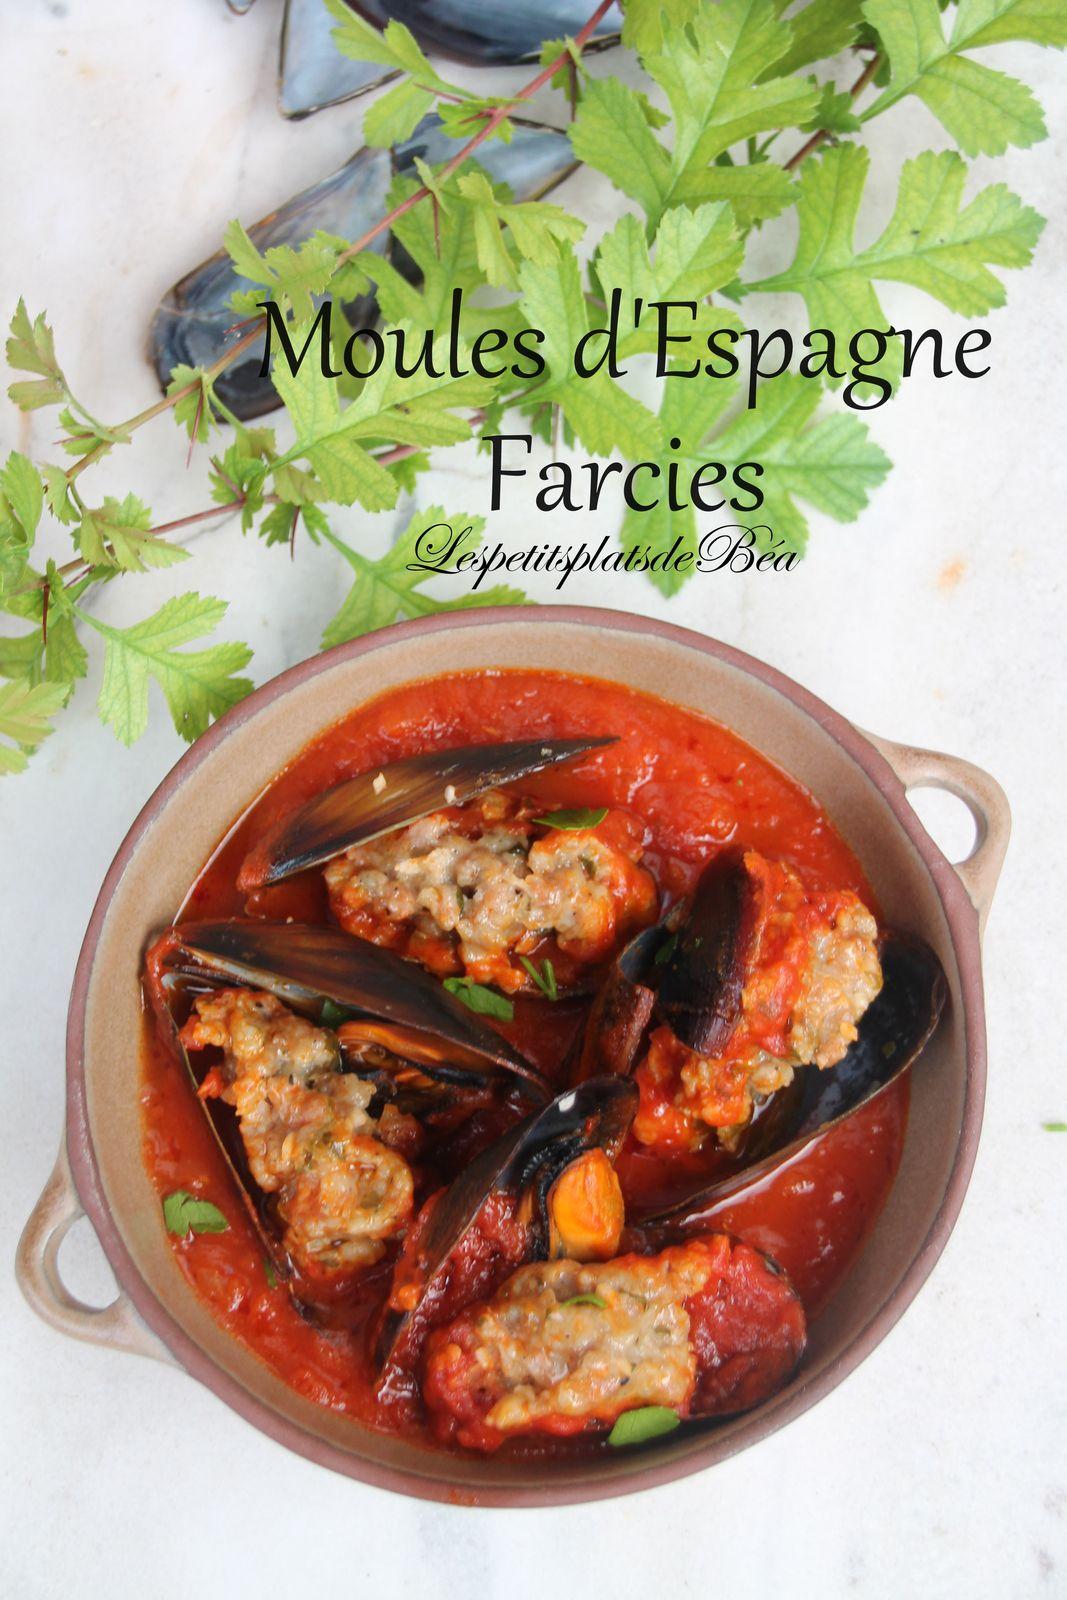 Moules d'Espagne farcies